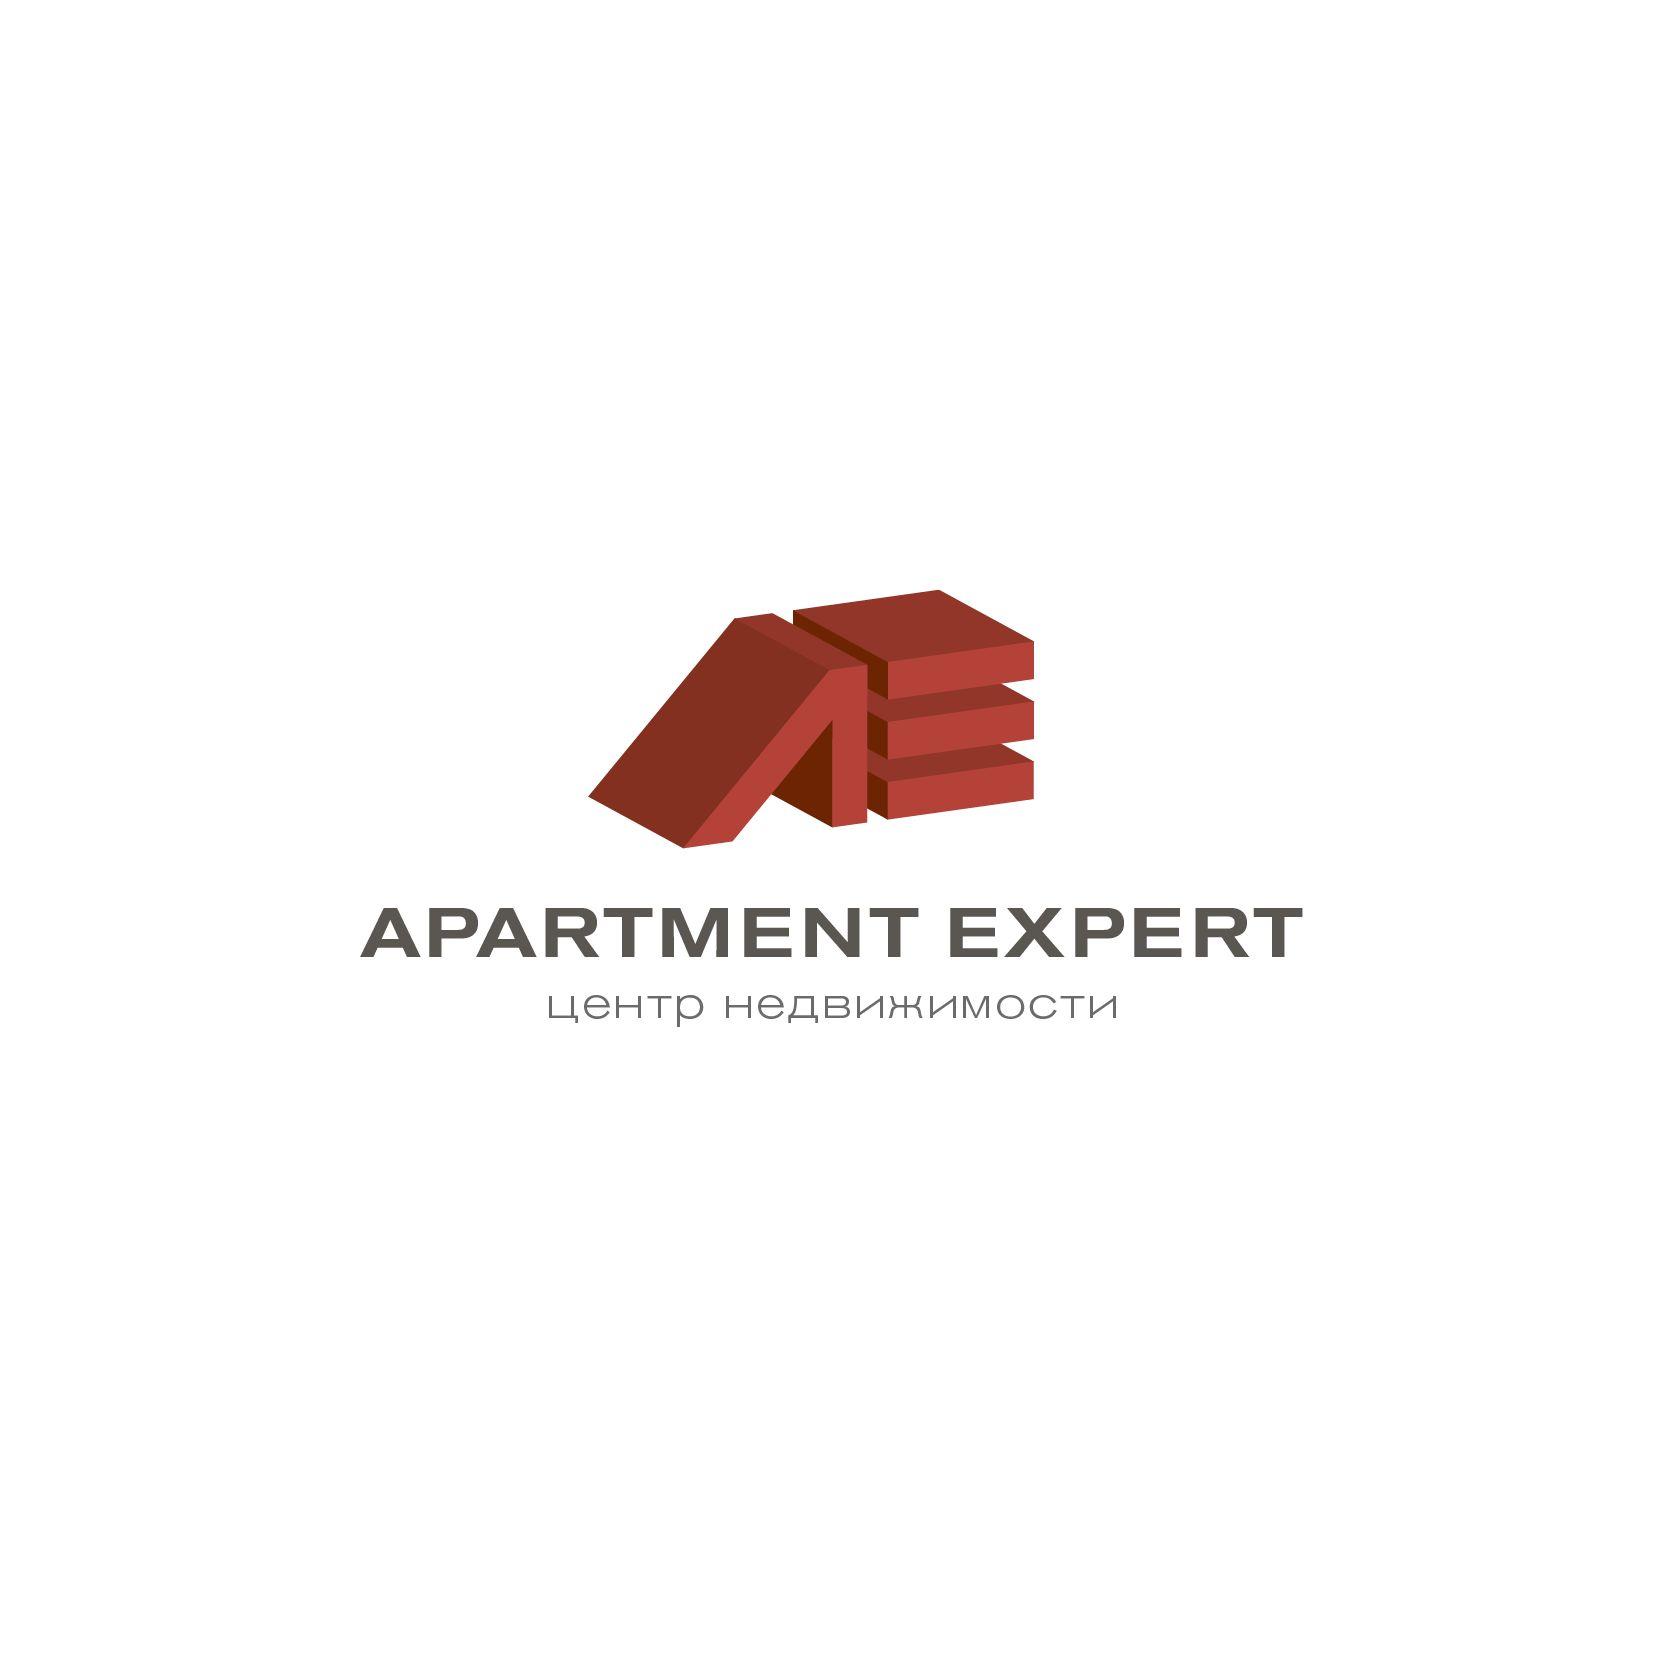 Логотип для APARTMENT EXPERT - ЦЕНТР НЕДВИЖИМОСТИ - дизайнер Alexsg